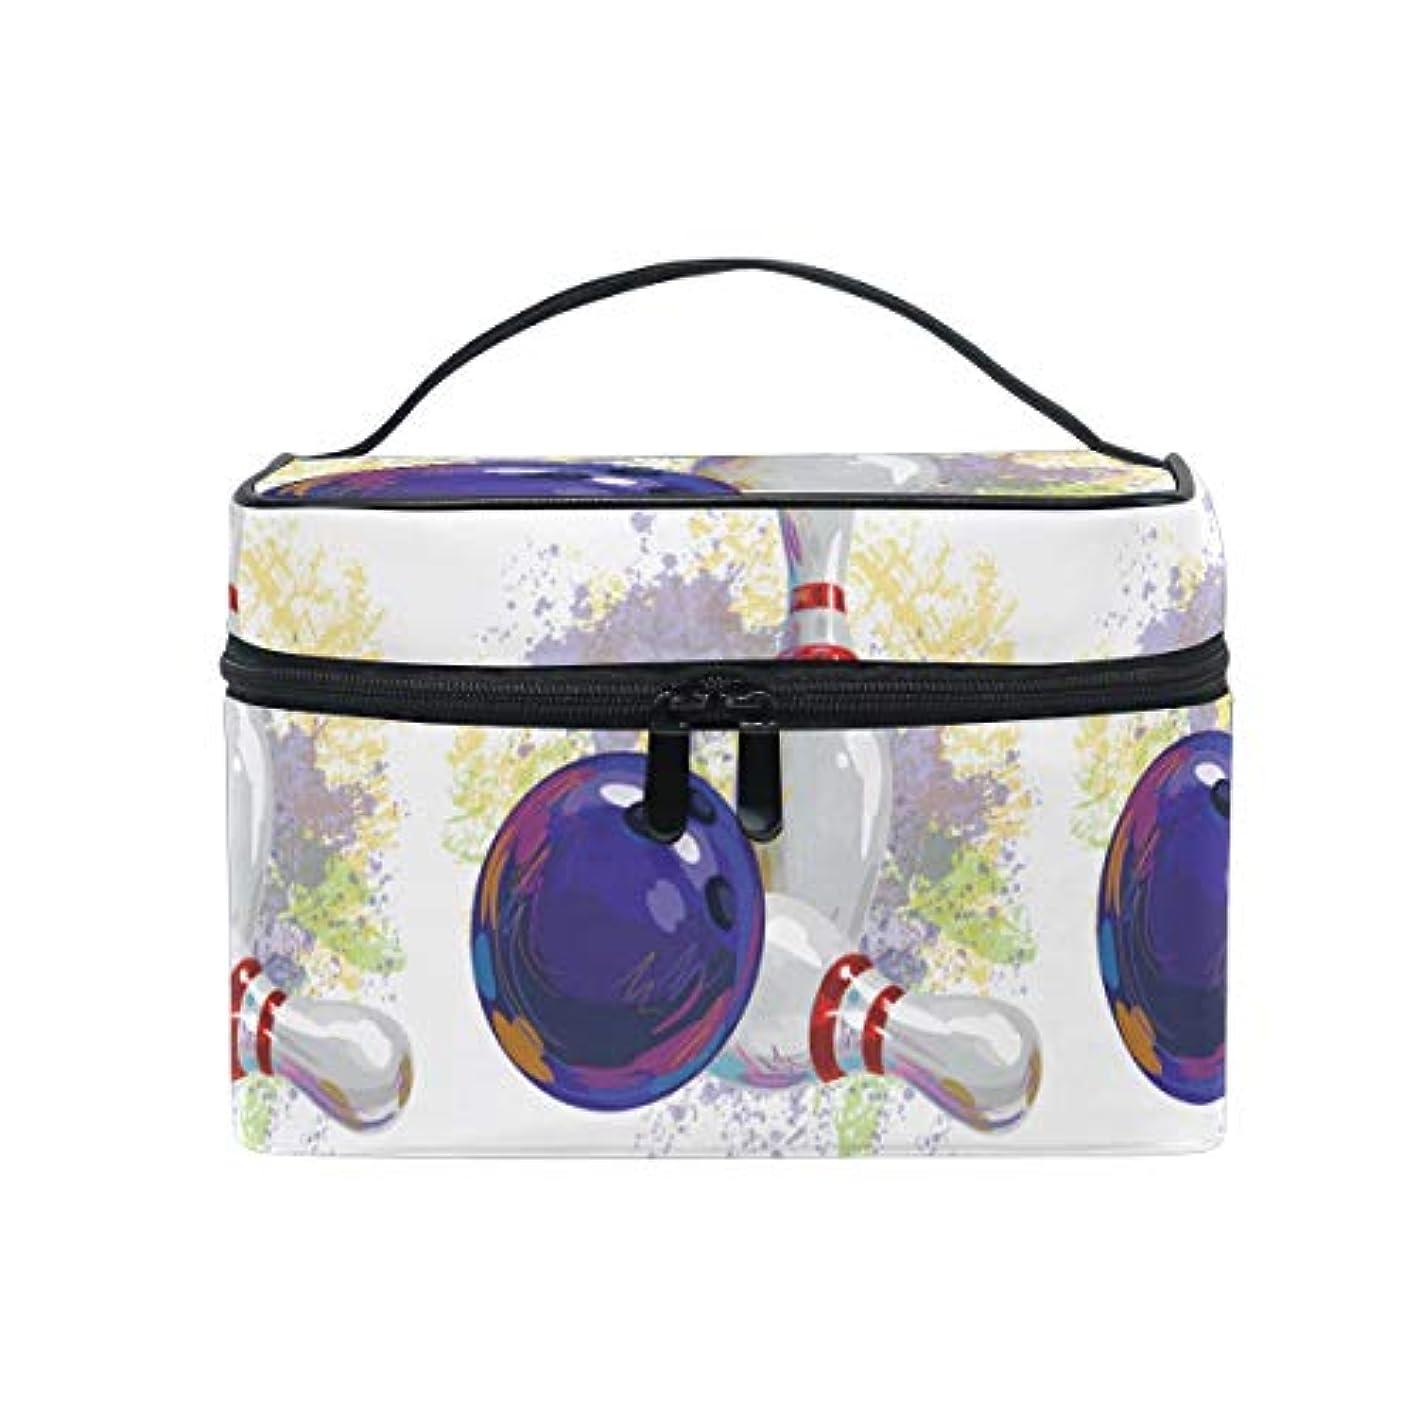 帰する解き明かすに沿って水彩アートボウリングボールメイクバッグ 旅行 メイクボックス バッグ トイレタリー トレイン ケース レディース 美容 化粧ポーチ ポーチ